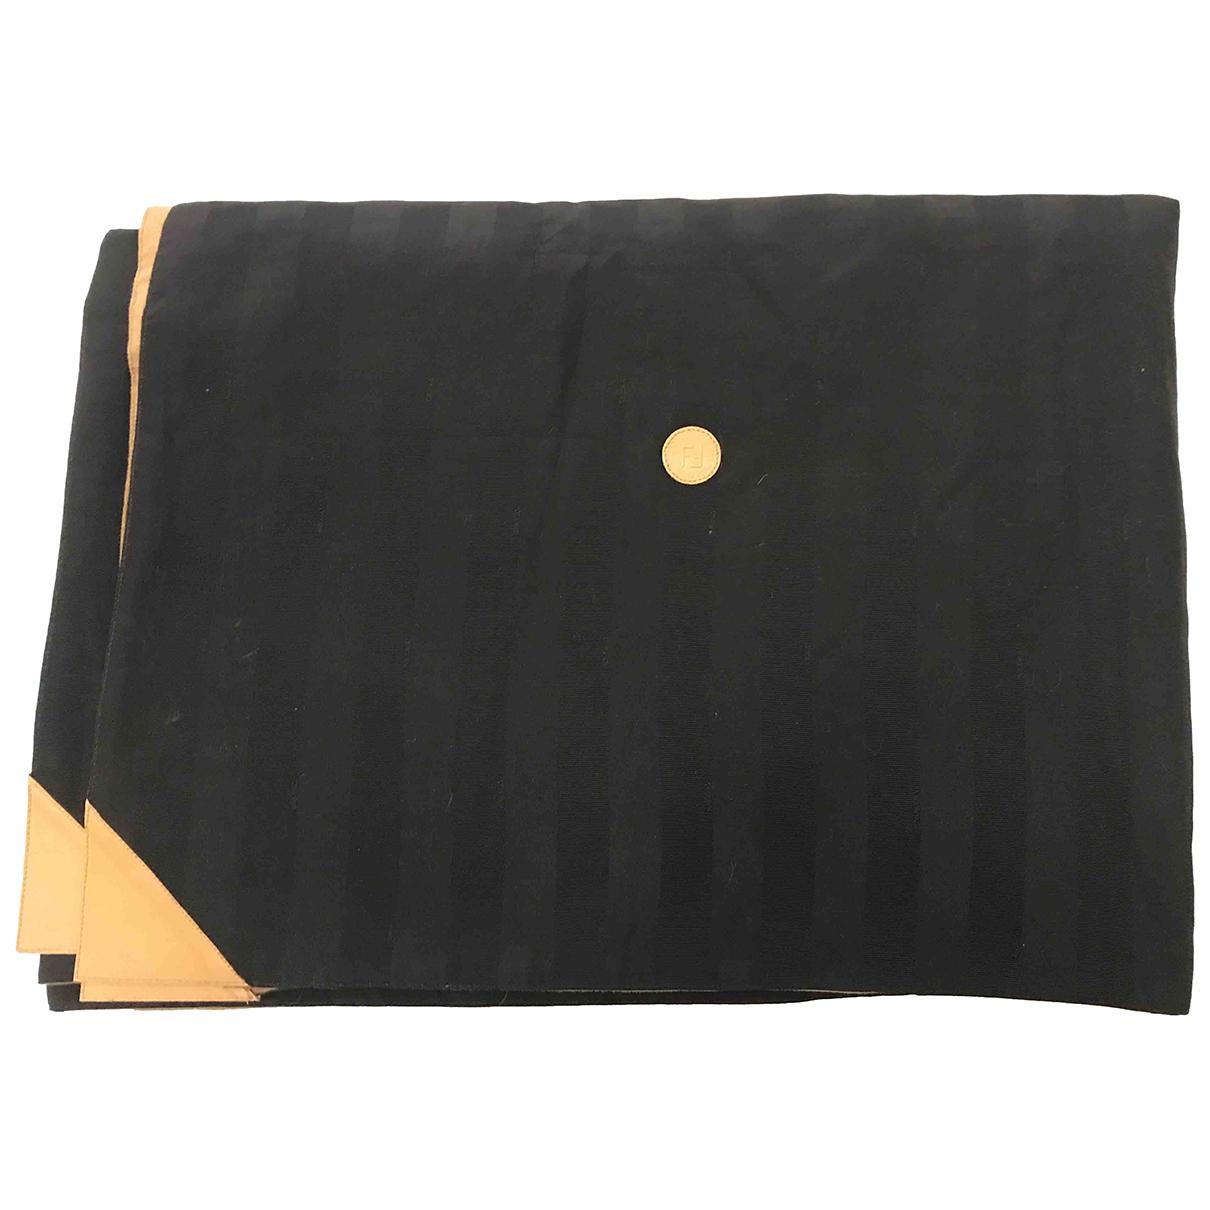 Textil de hogar de Lona Fendi